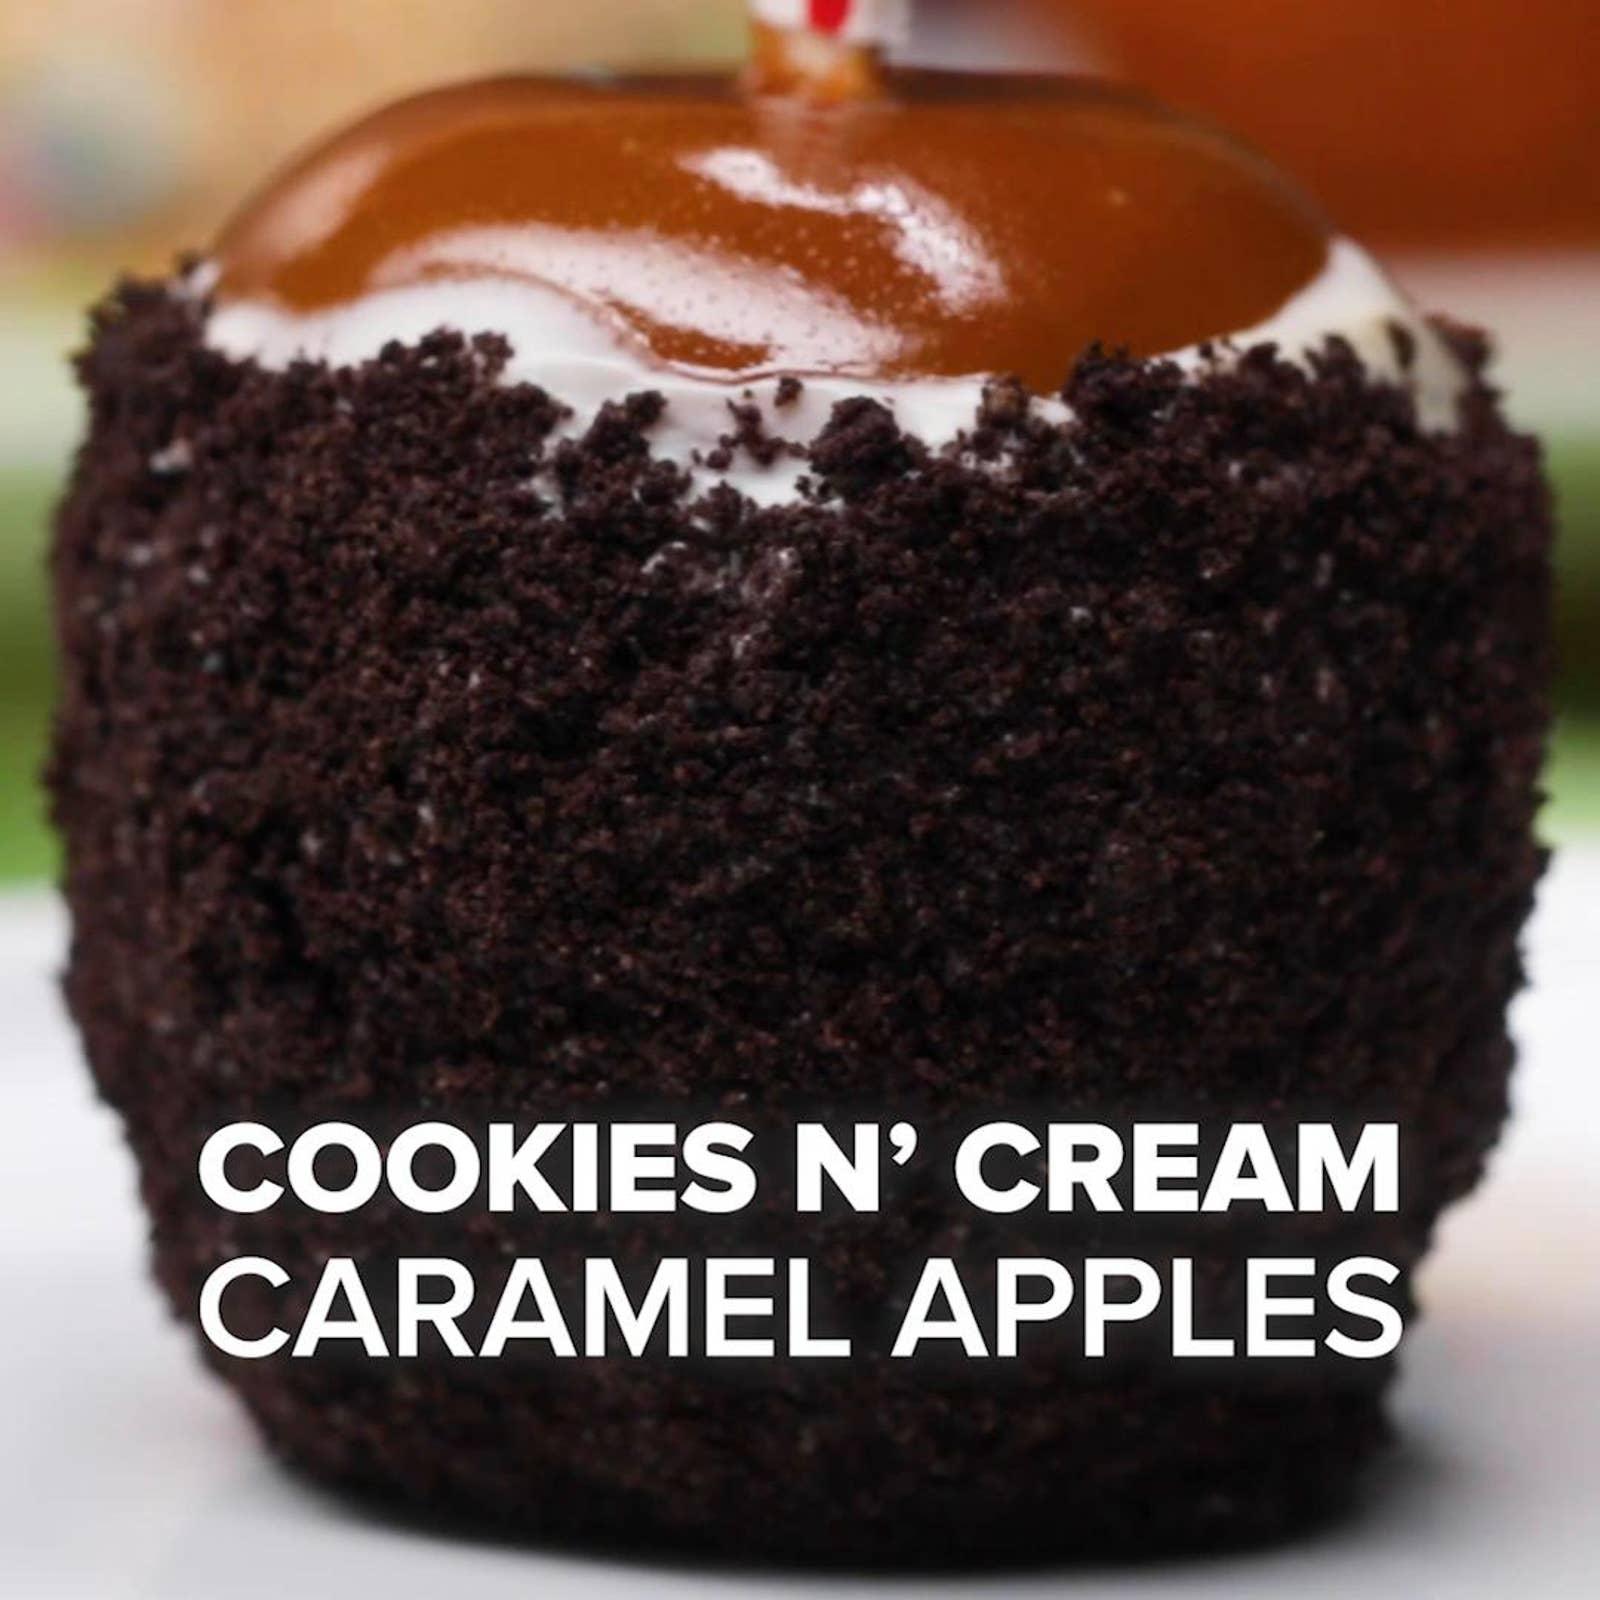 Cookies N' Cream Caramel Apples